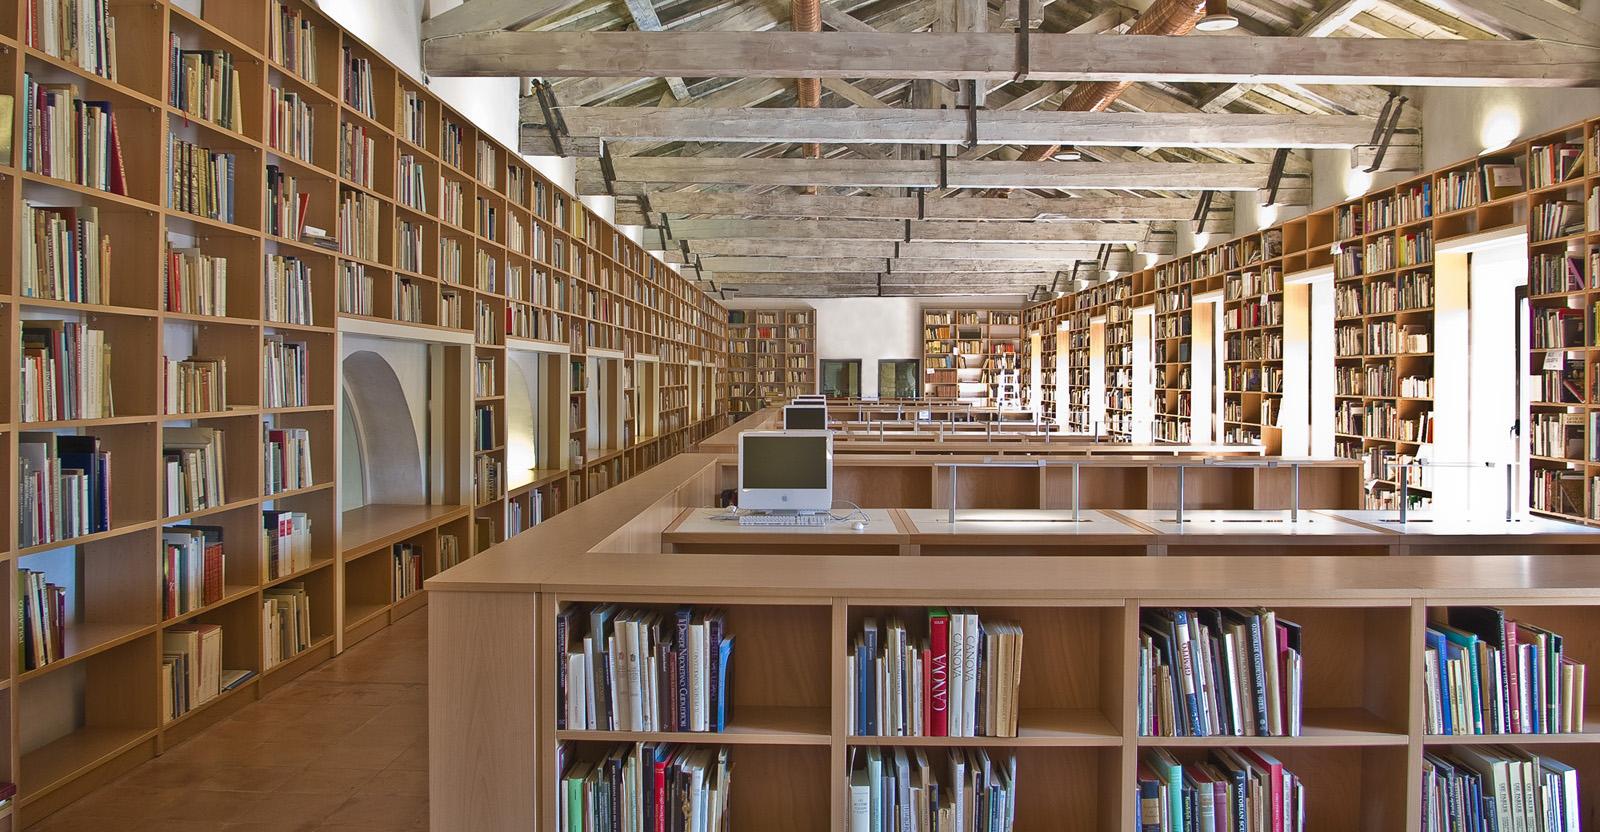 La sala di consultazione della Fondazione Federico Zeri a Bologna